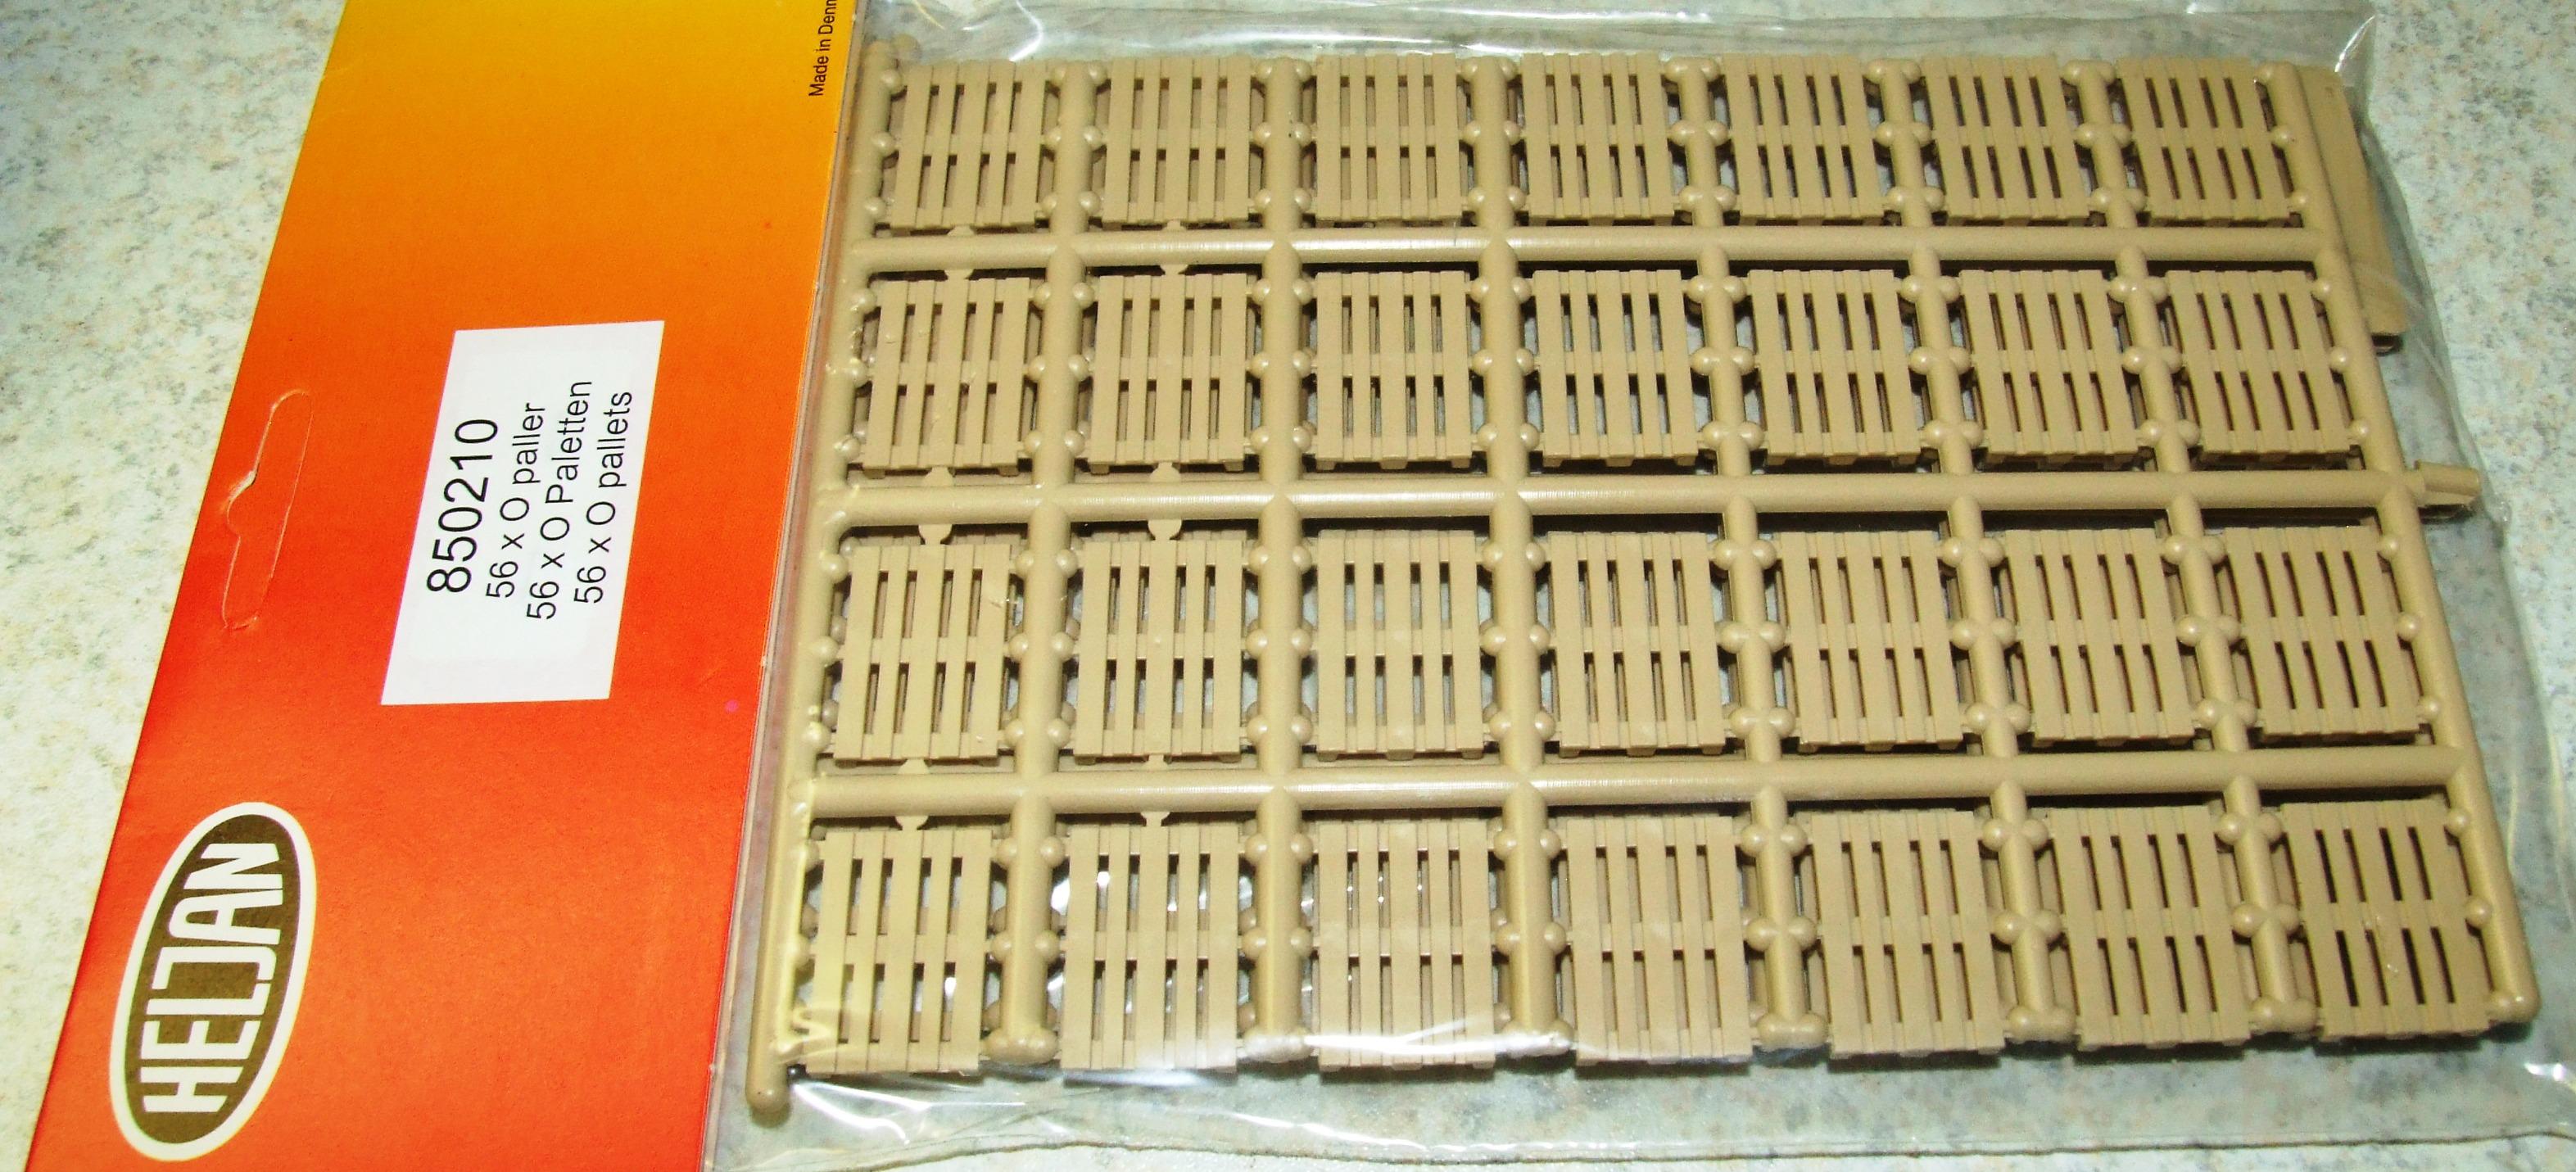 Heljan Spur 0 850210 Bausatz Paletten 56 Stück